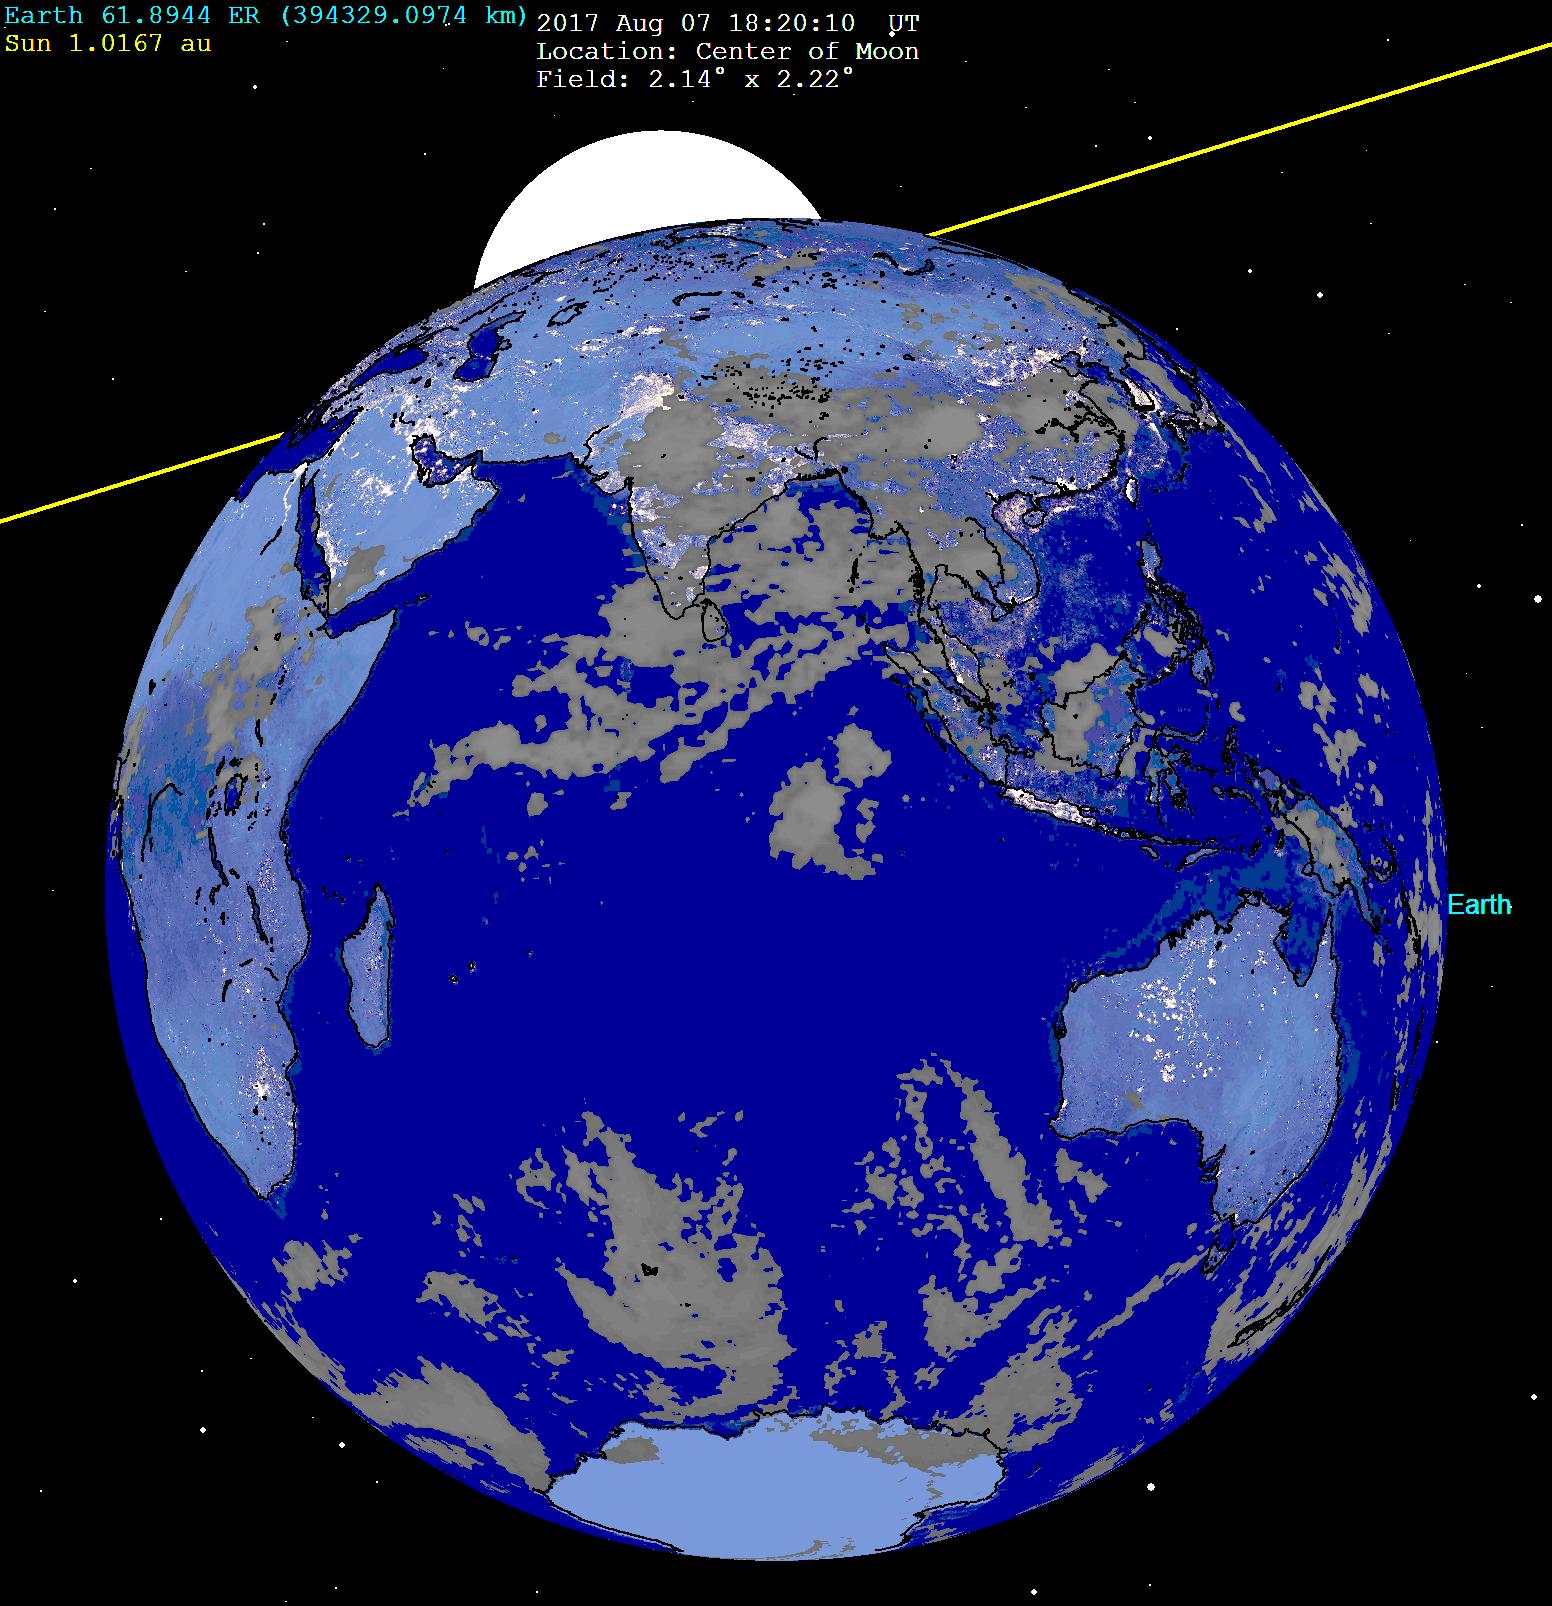 Eclipsi lunar del 7 d'agost de 2017 - Viquipèdia, l ...